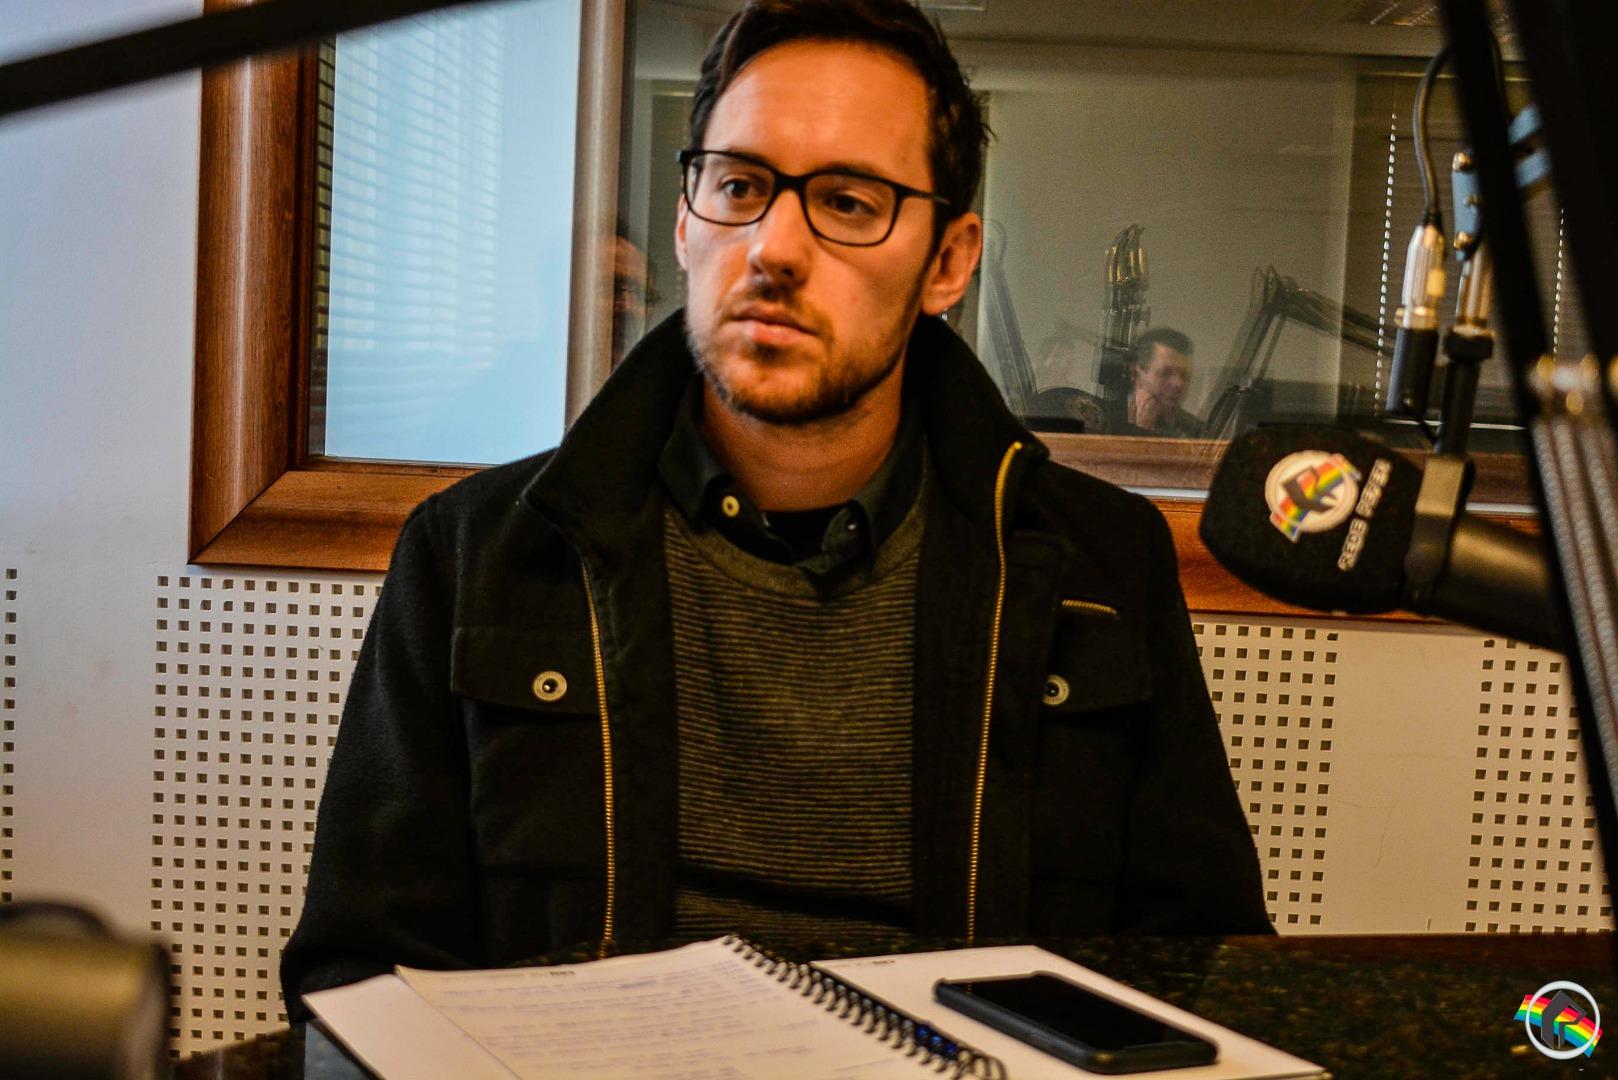 Arquiteto e Urbanista Mauricio Giusti participa do Programa Mãos à Obra